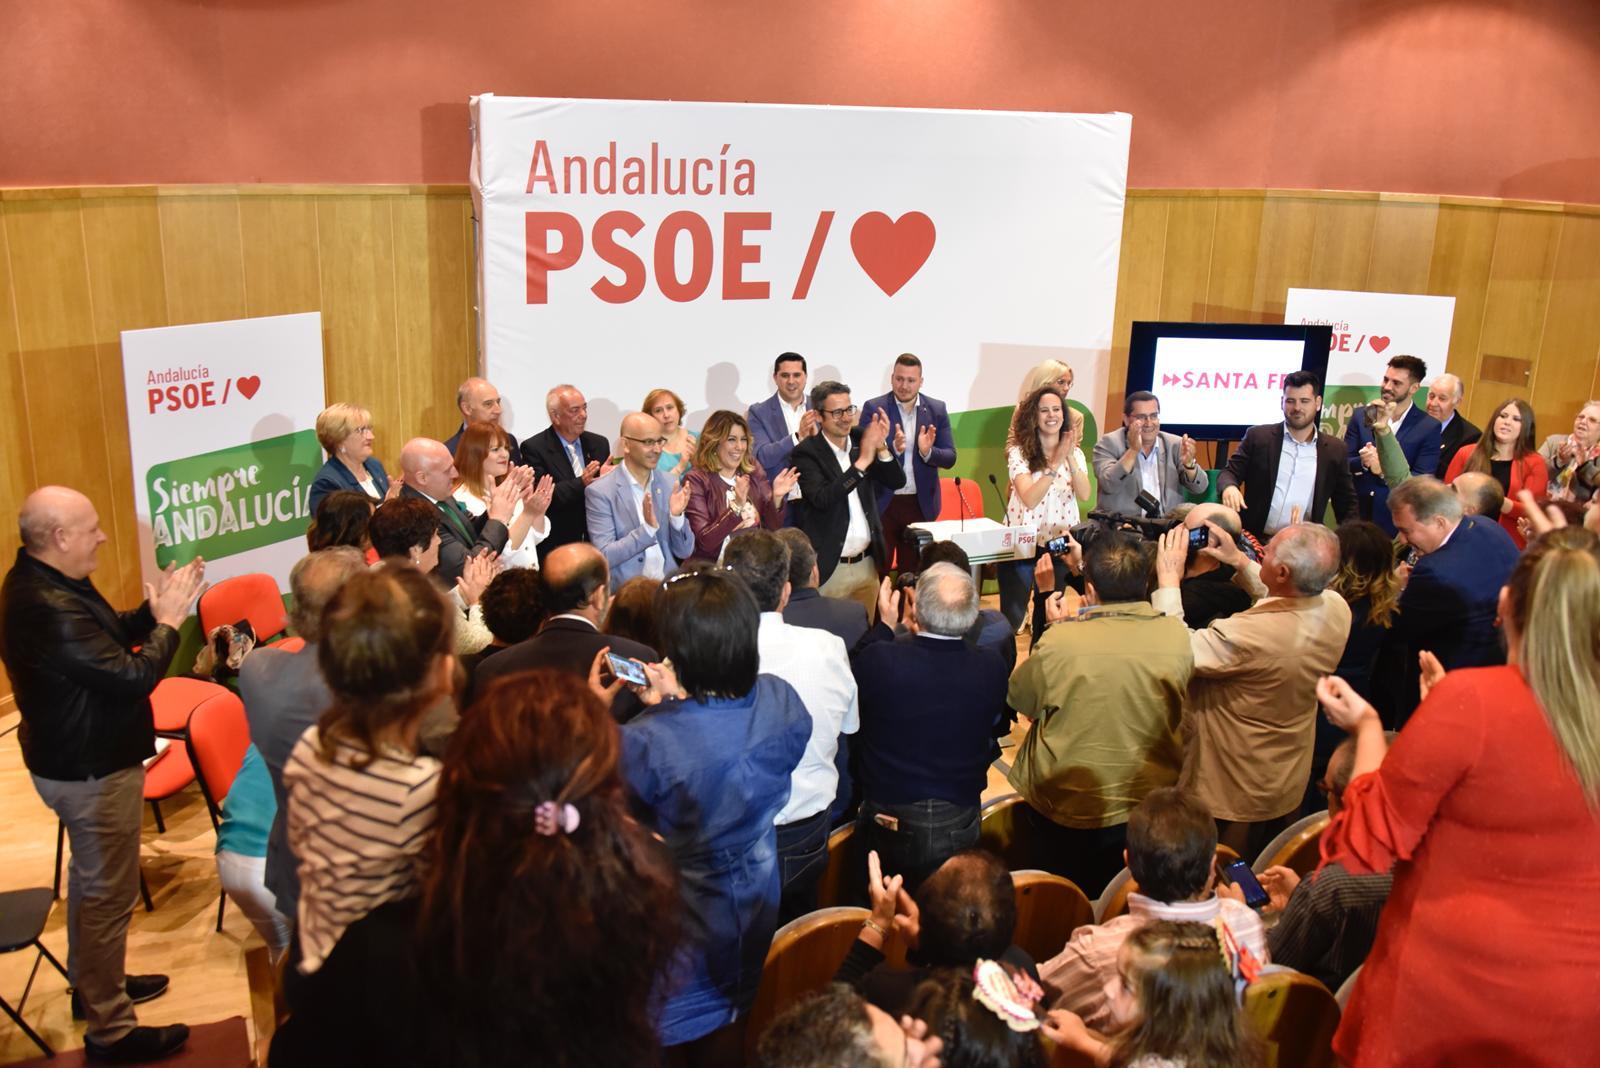 #26M: Susana Díaz afirma que «Andalucía es de izquierdas» en un mitin en Santa Fe